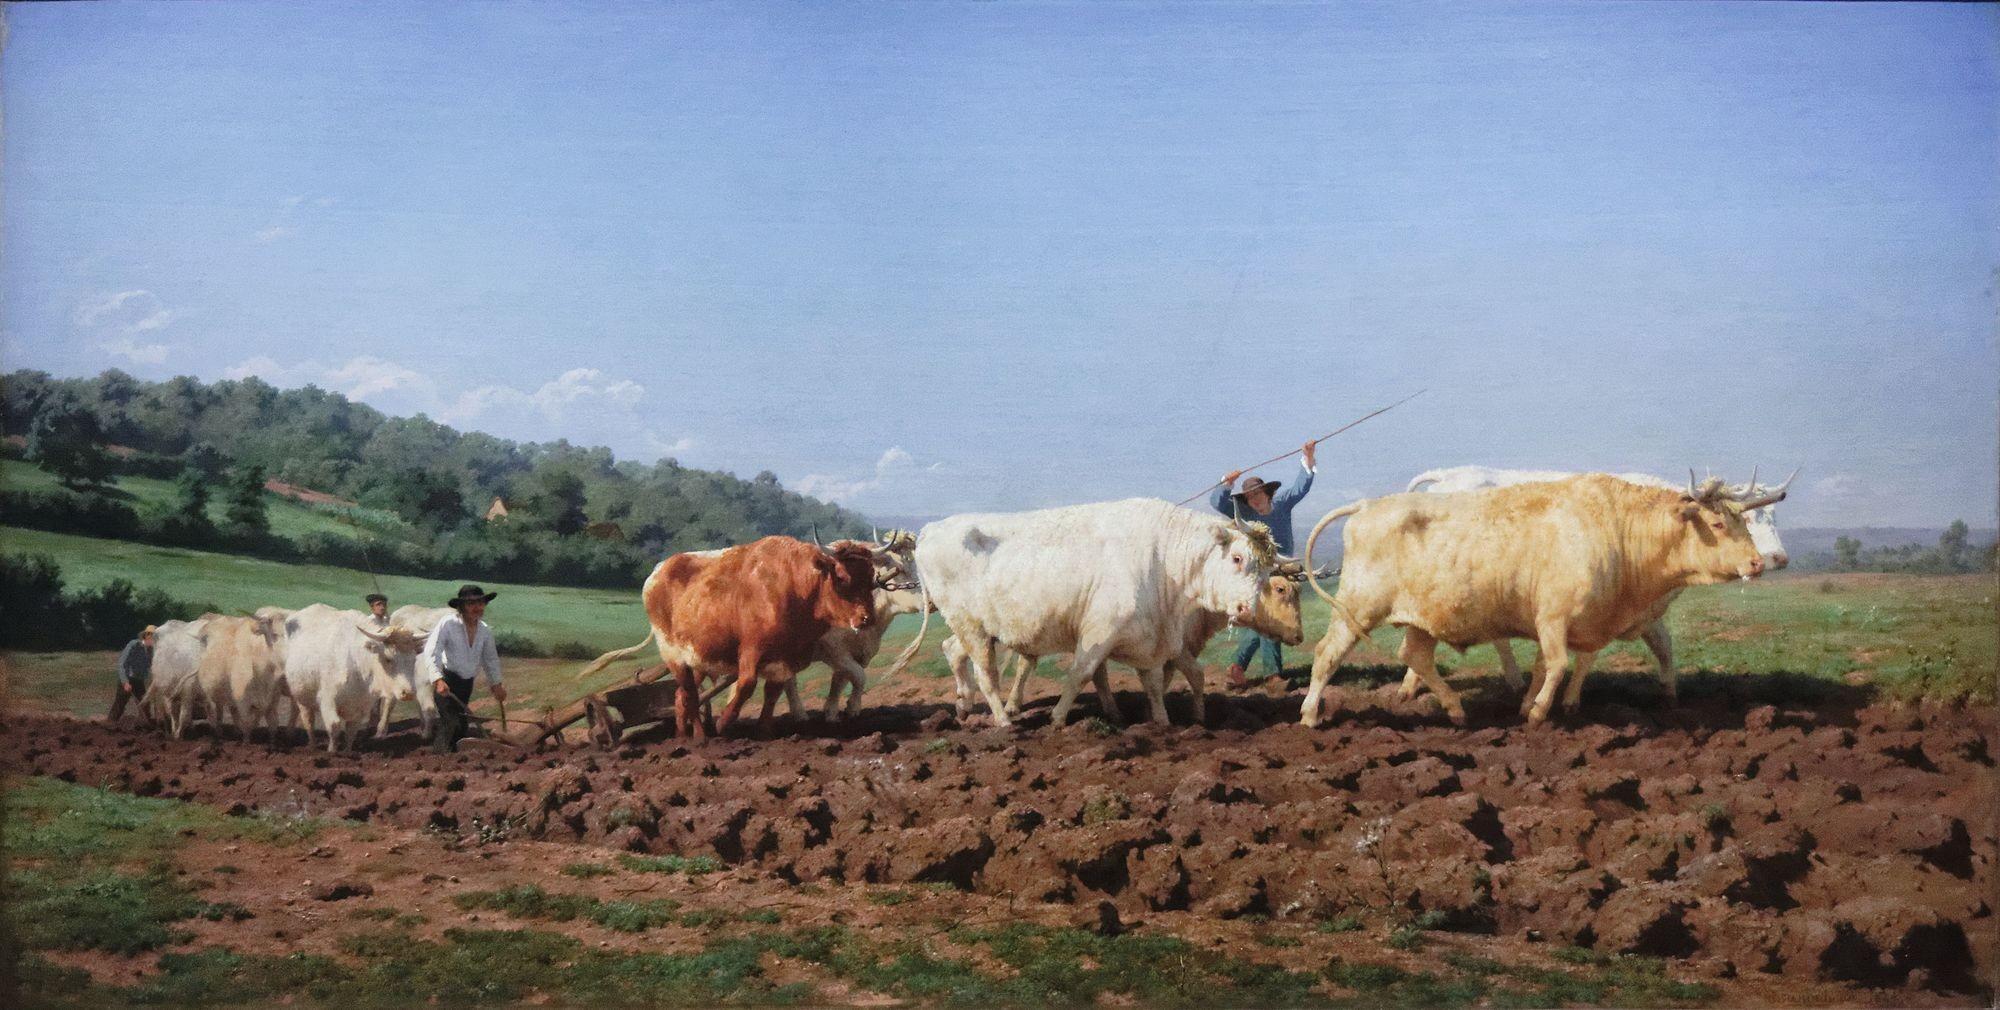 Rosa Bonheur, Labourage nivernais, 1849, huile sur toile, 134 x 260 cm, musée d'Orsay, Paris.